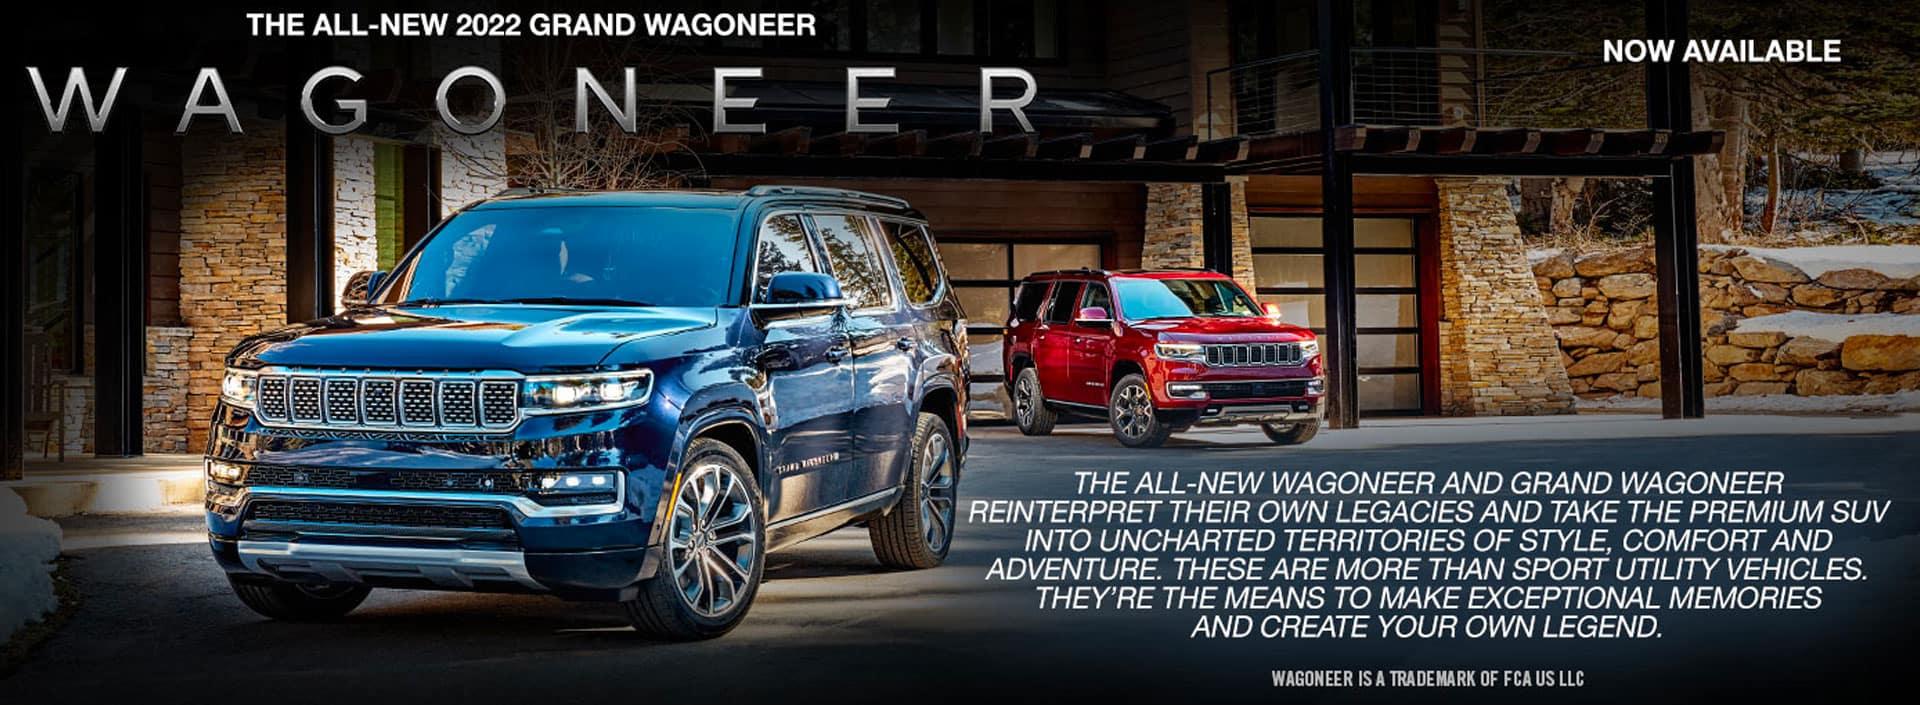 Wagoneer_CO_OP_1920x705